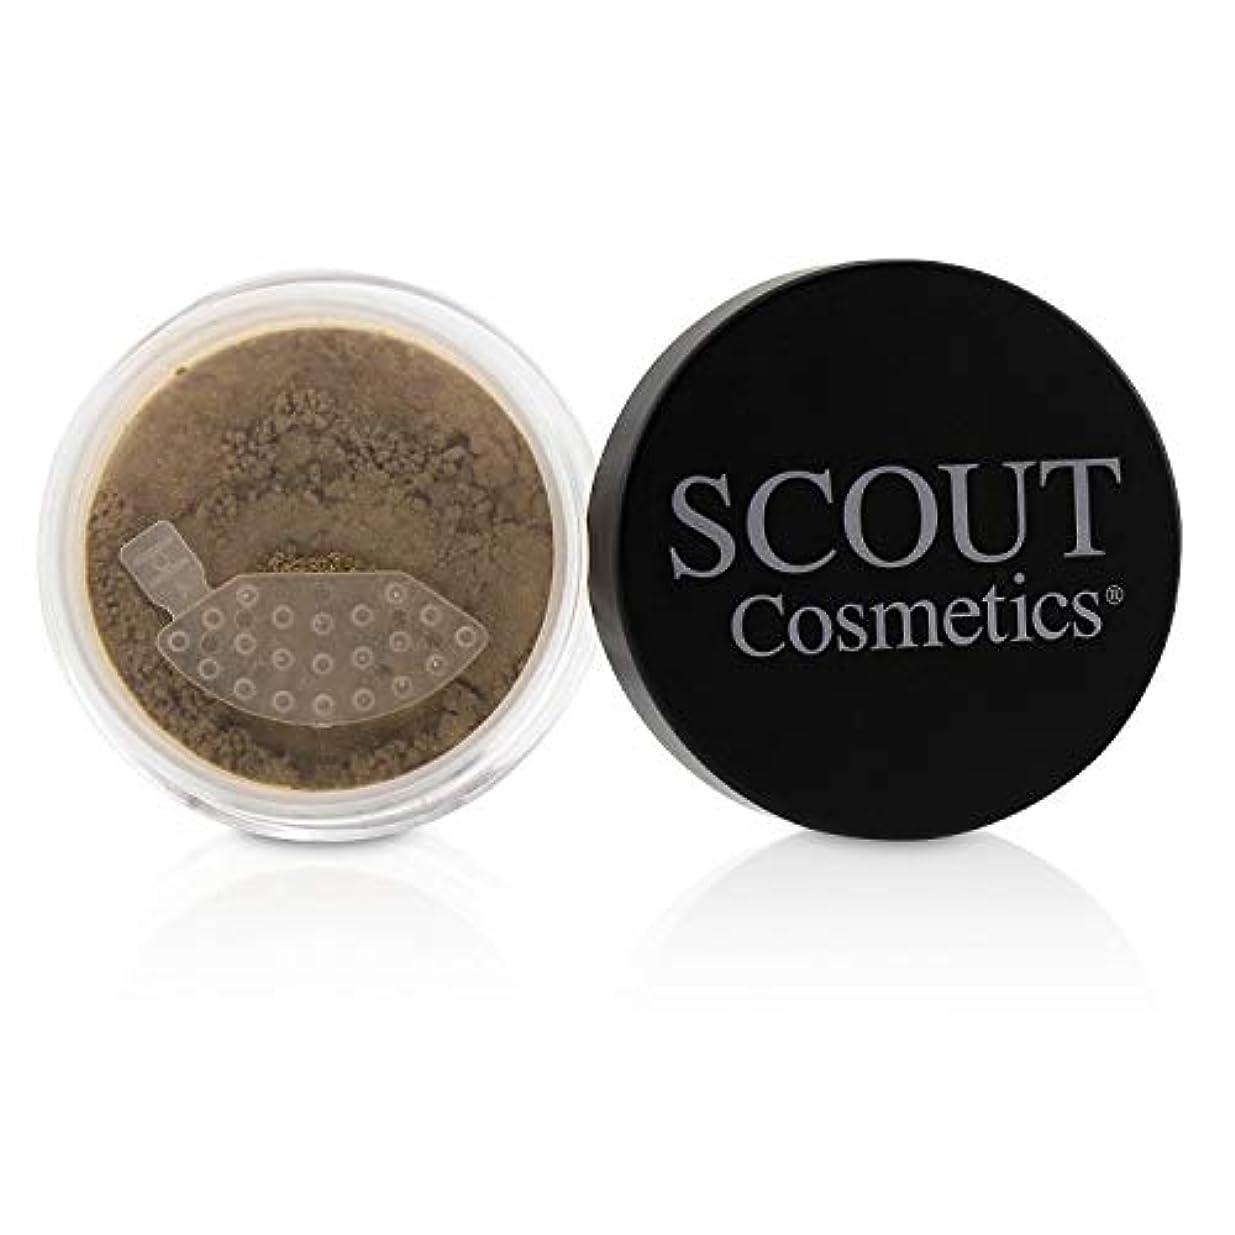 するだろう流行しているペレットSCOUT Cosmetics Mineral Powder Foundation SPF 20 - # Almond 8g/0.28oz並行輸入品